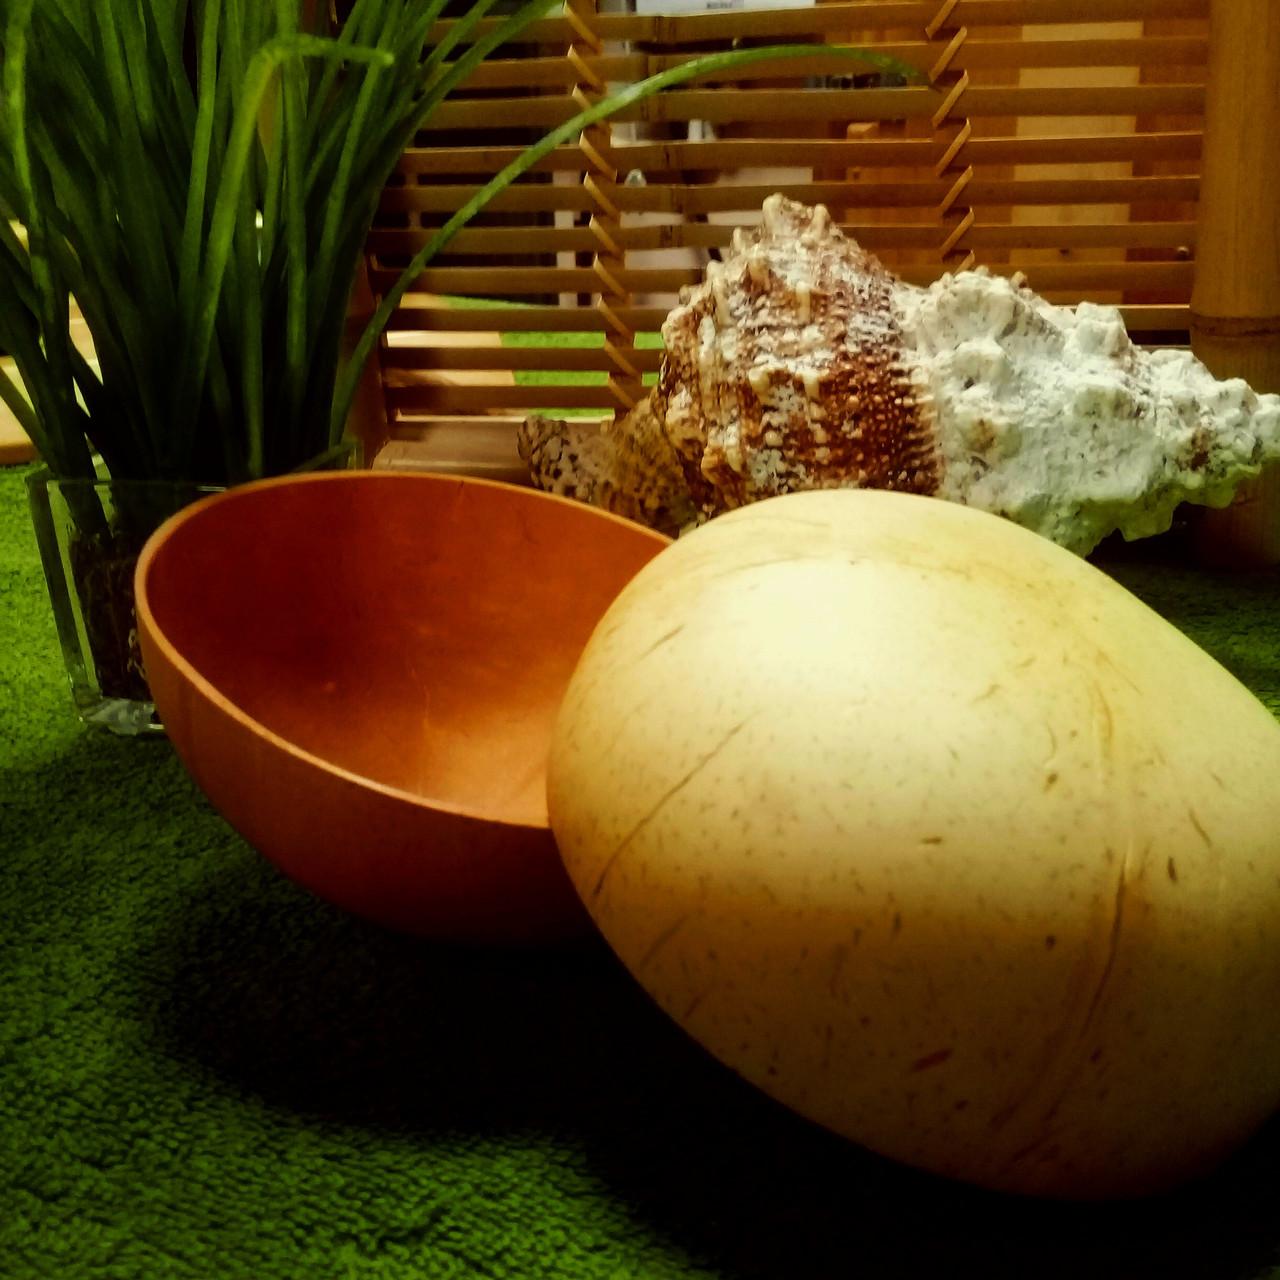 Комплексная лифтинг-программа для лица и тела с райскими кокосами.